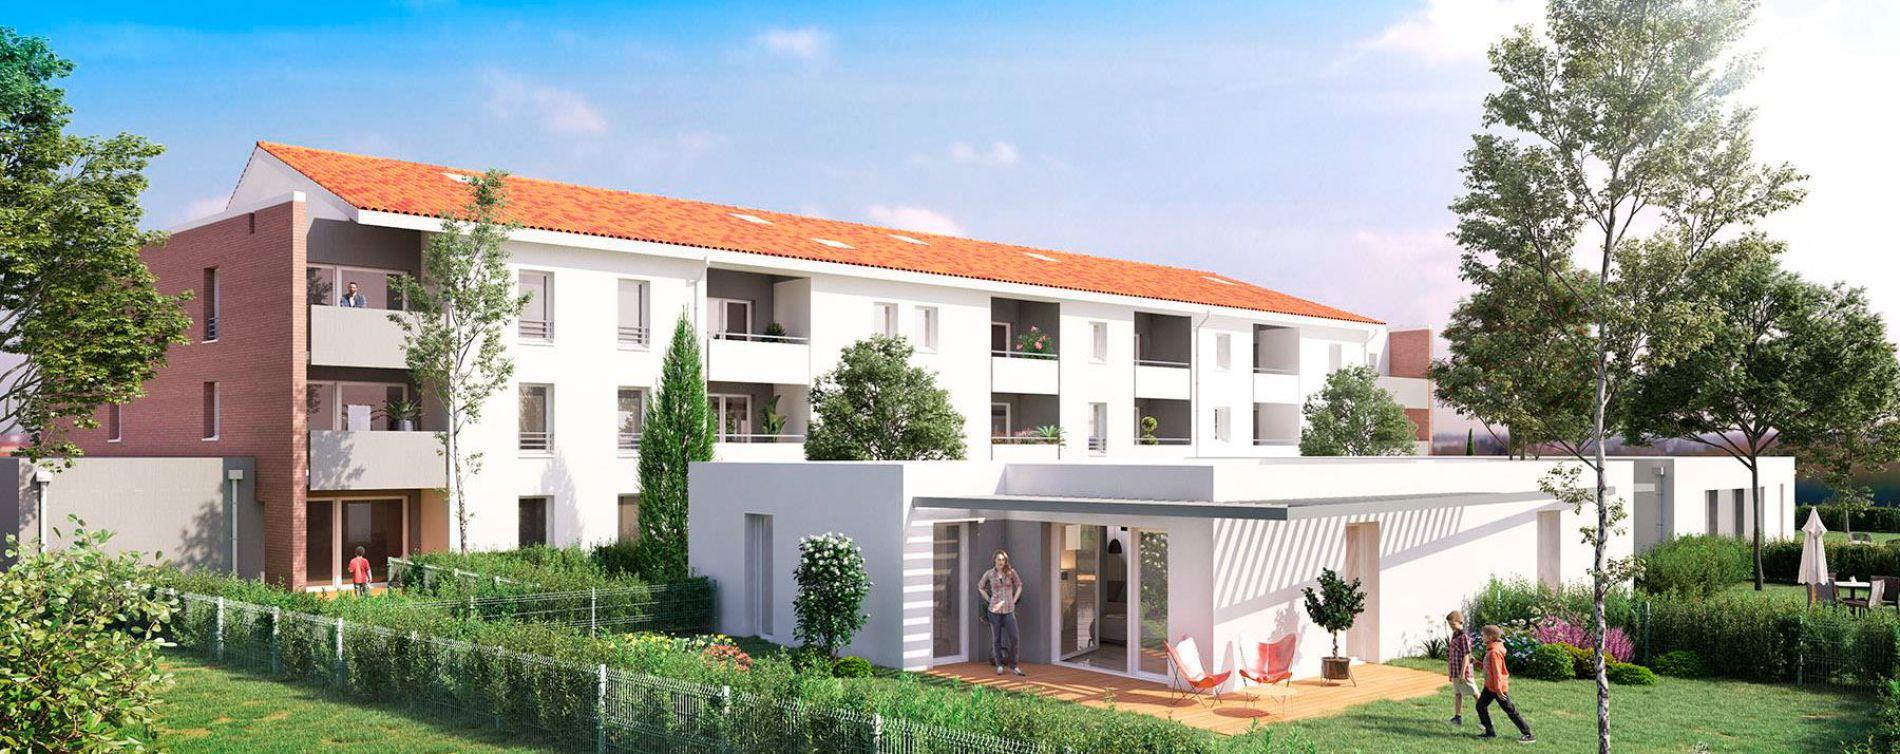 Toulouse : programme immobilier neuve « Le Patio de Carmel »